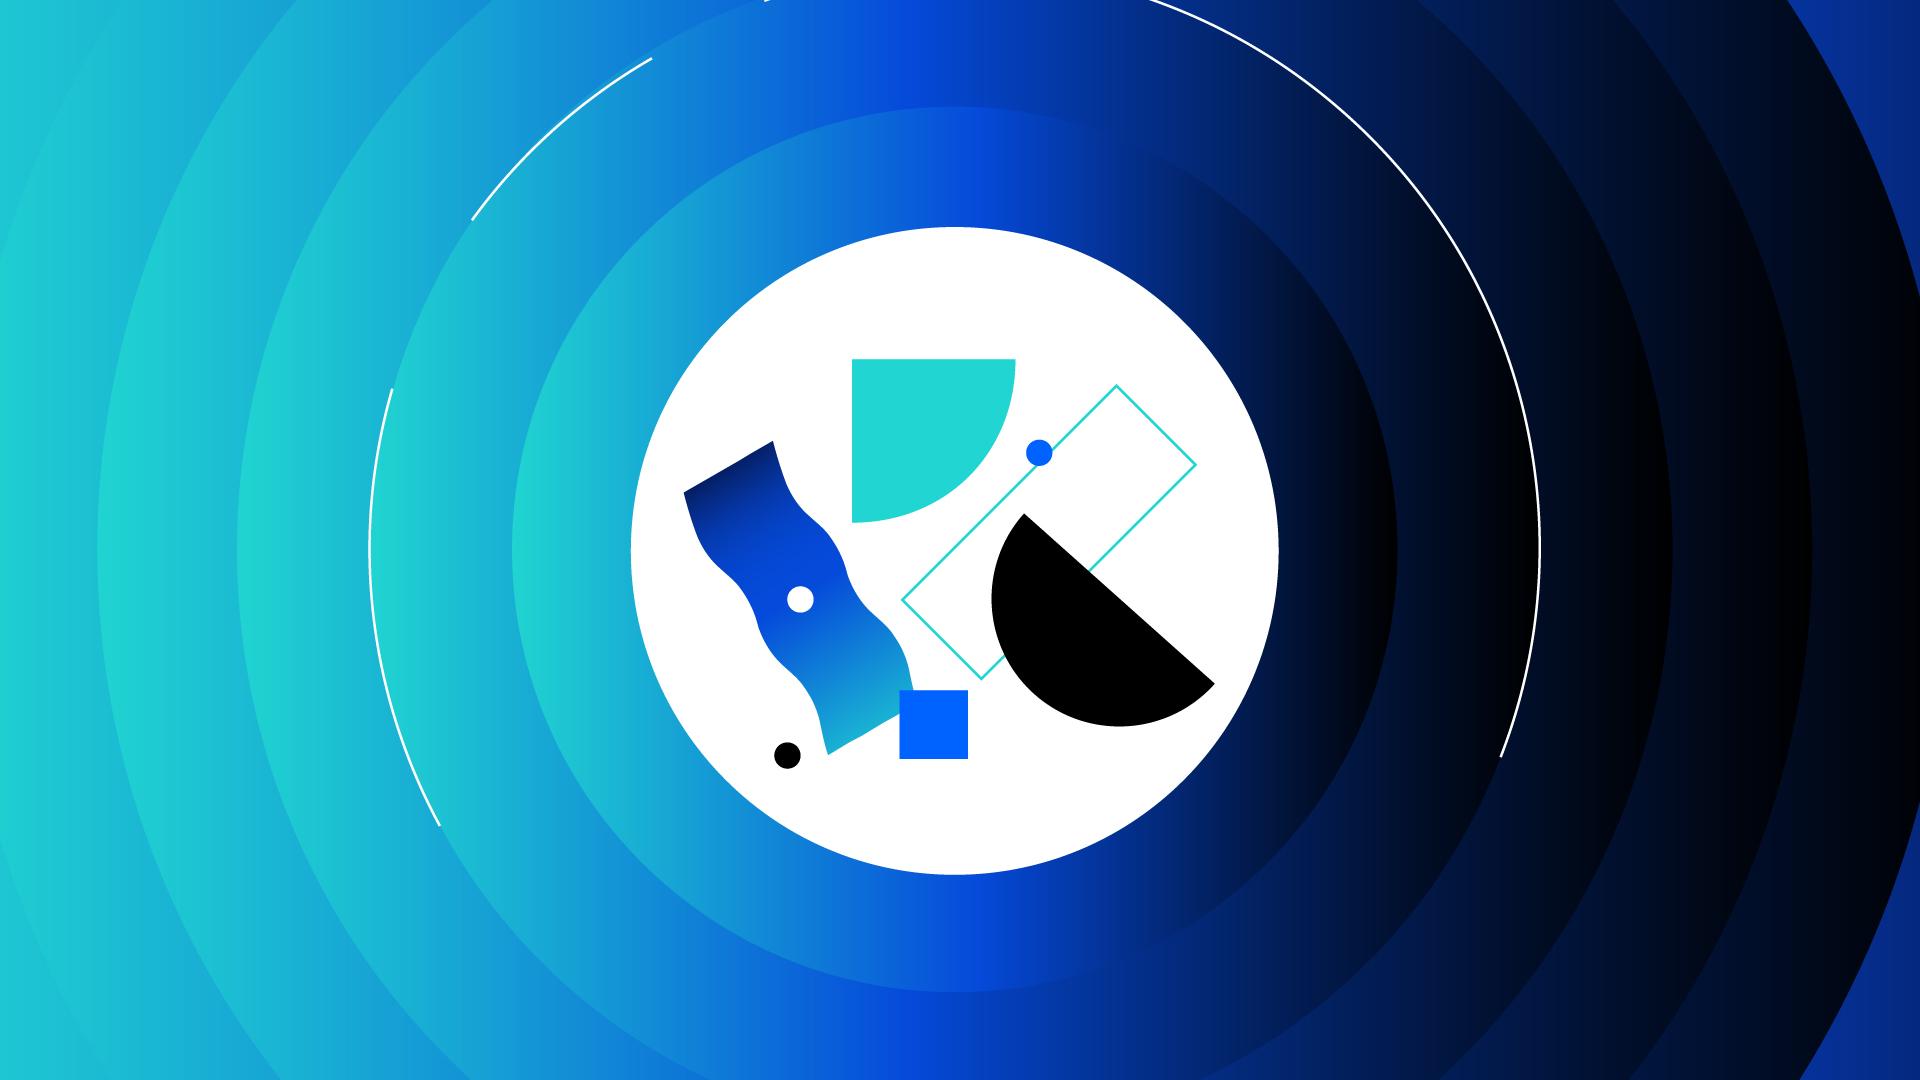 IBM_SHAPE-YOUR-CLOUD_DC_EDITS_BH_IBM-16.jpg